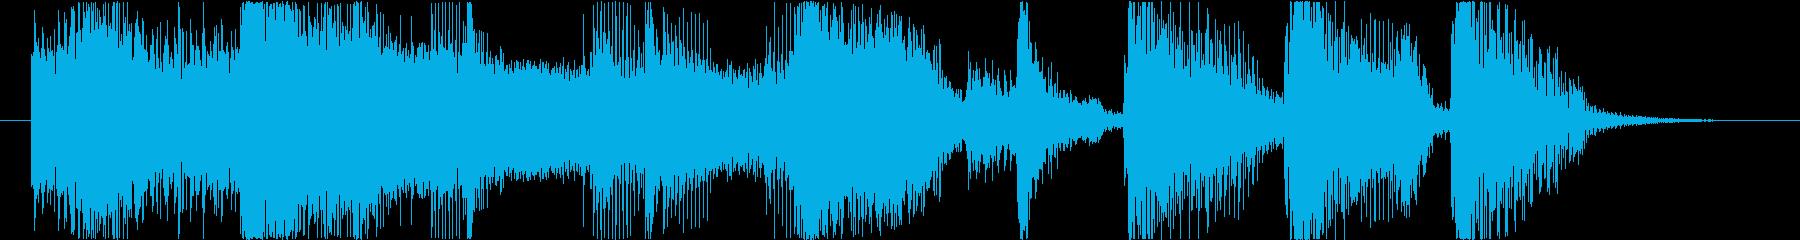 カッコ良いファンク オチ 場面展開 ロゴの再生済みの波形